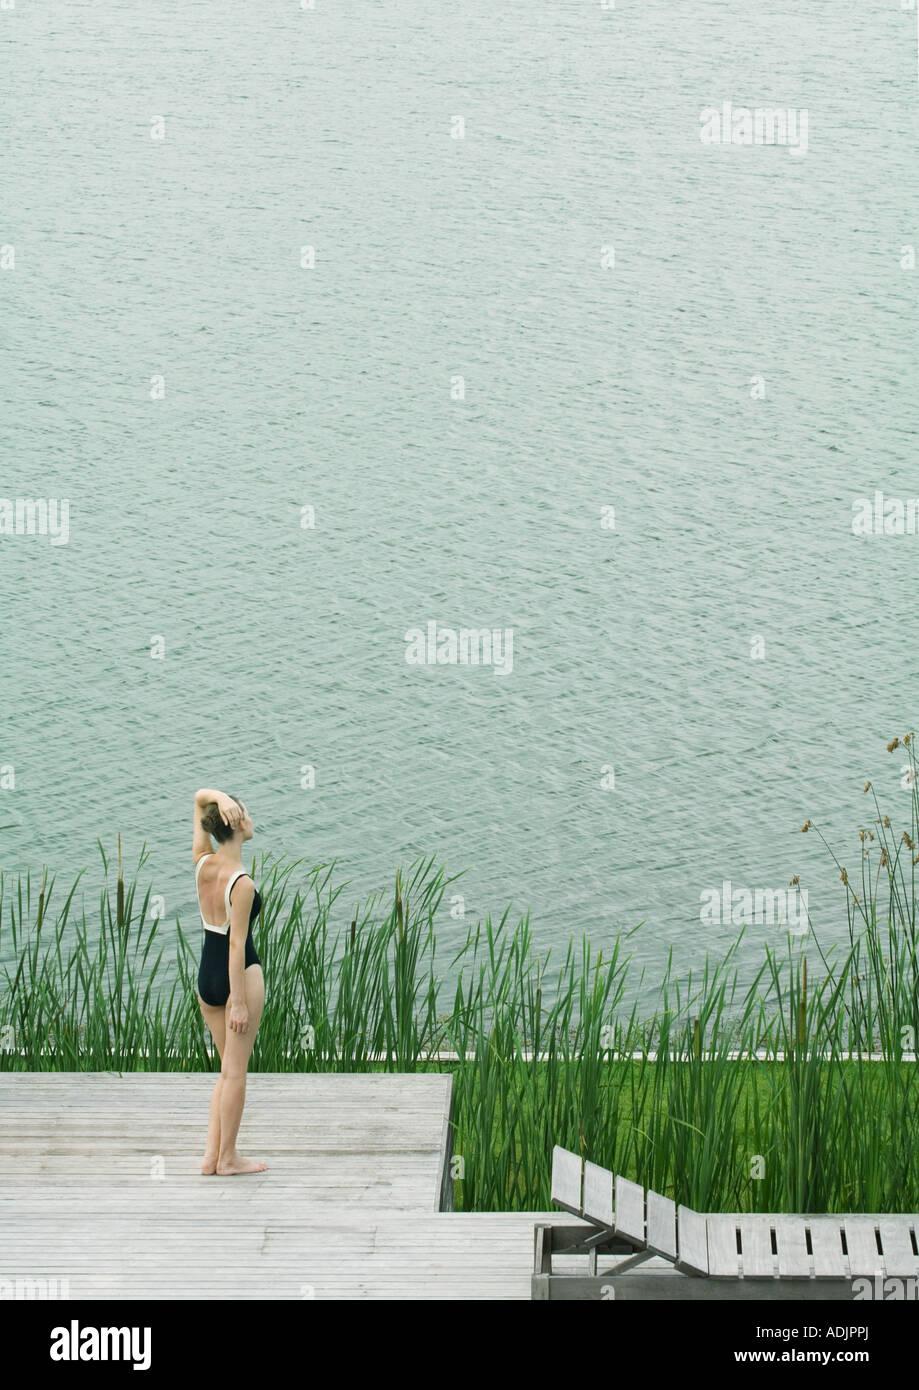 Frau im Badeanzug stehen an Deck, mit Blick auf Gewässer Stockbild